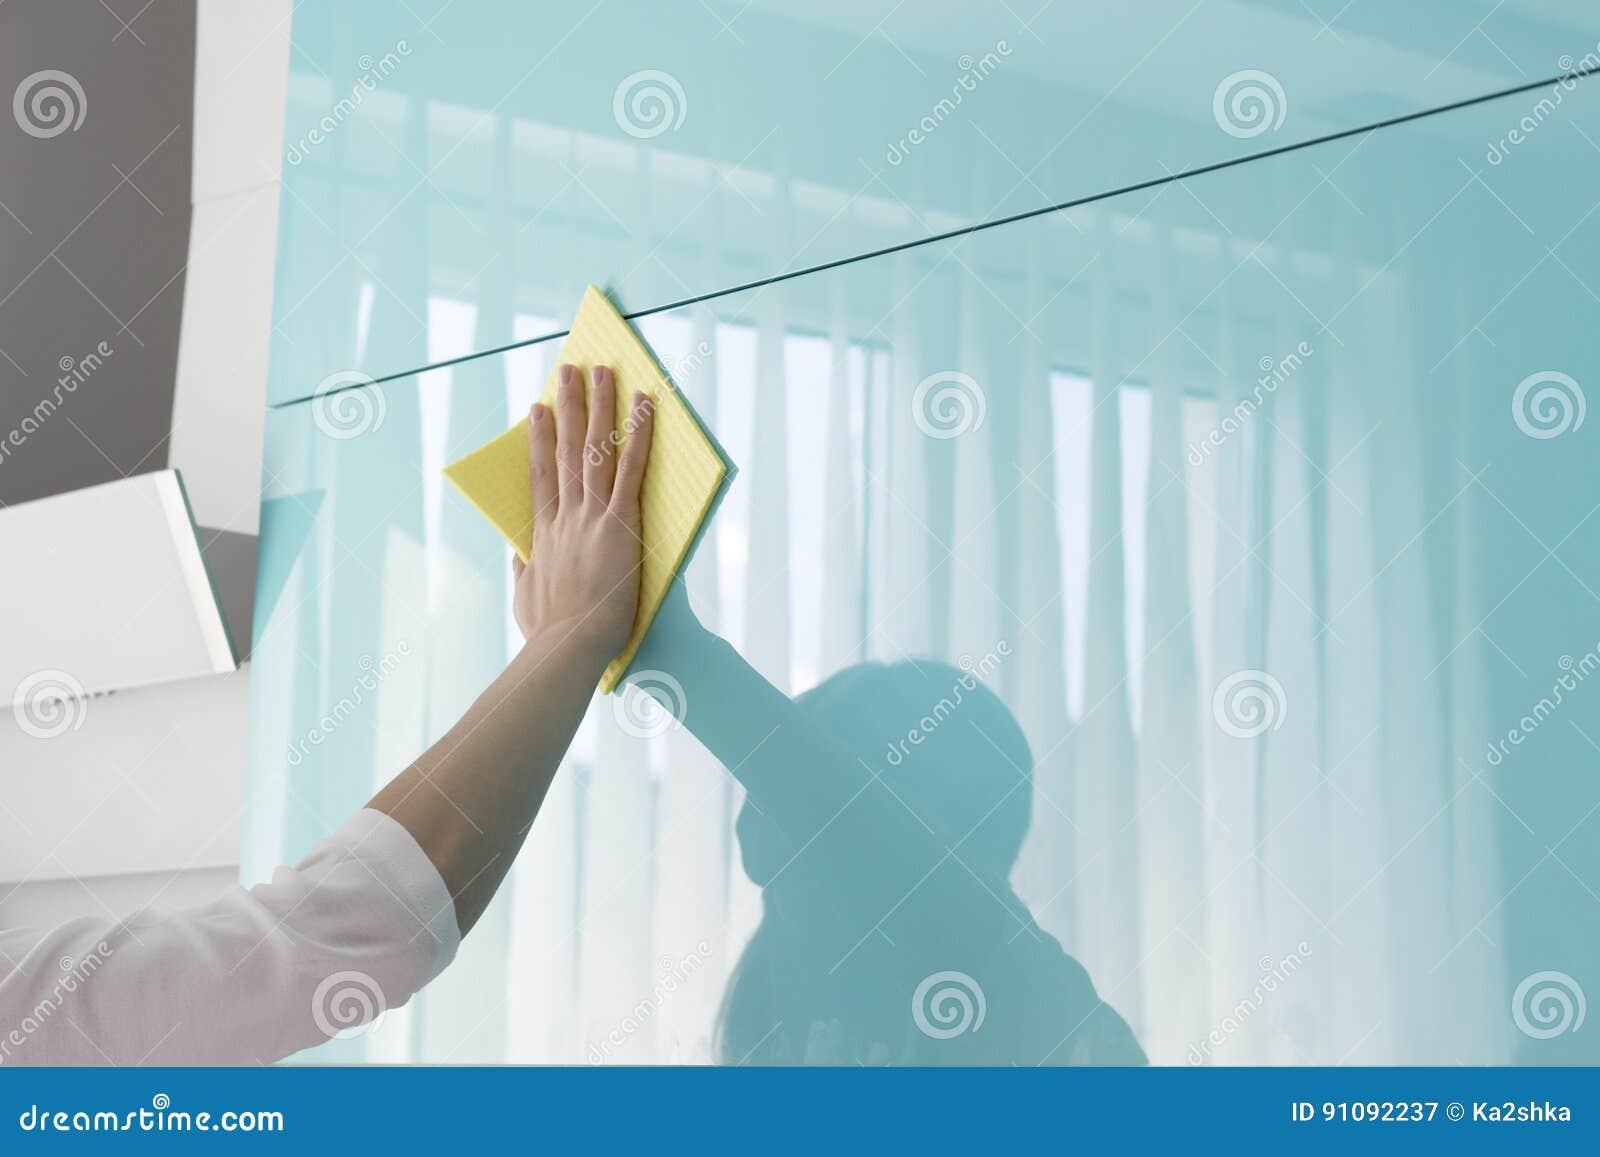 Nettoyer Les Placards De Cuisine jeune femme dans la cuisine faisant des placards de